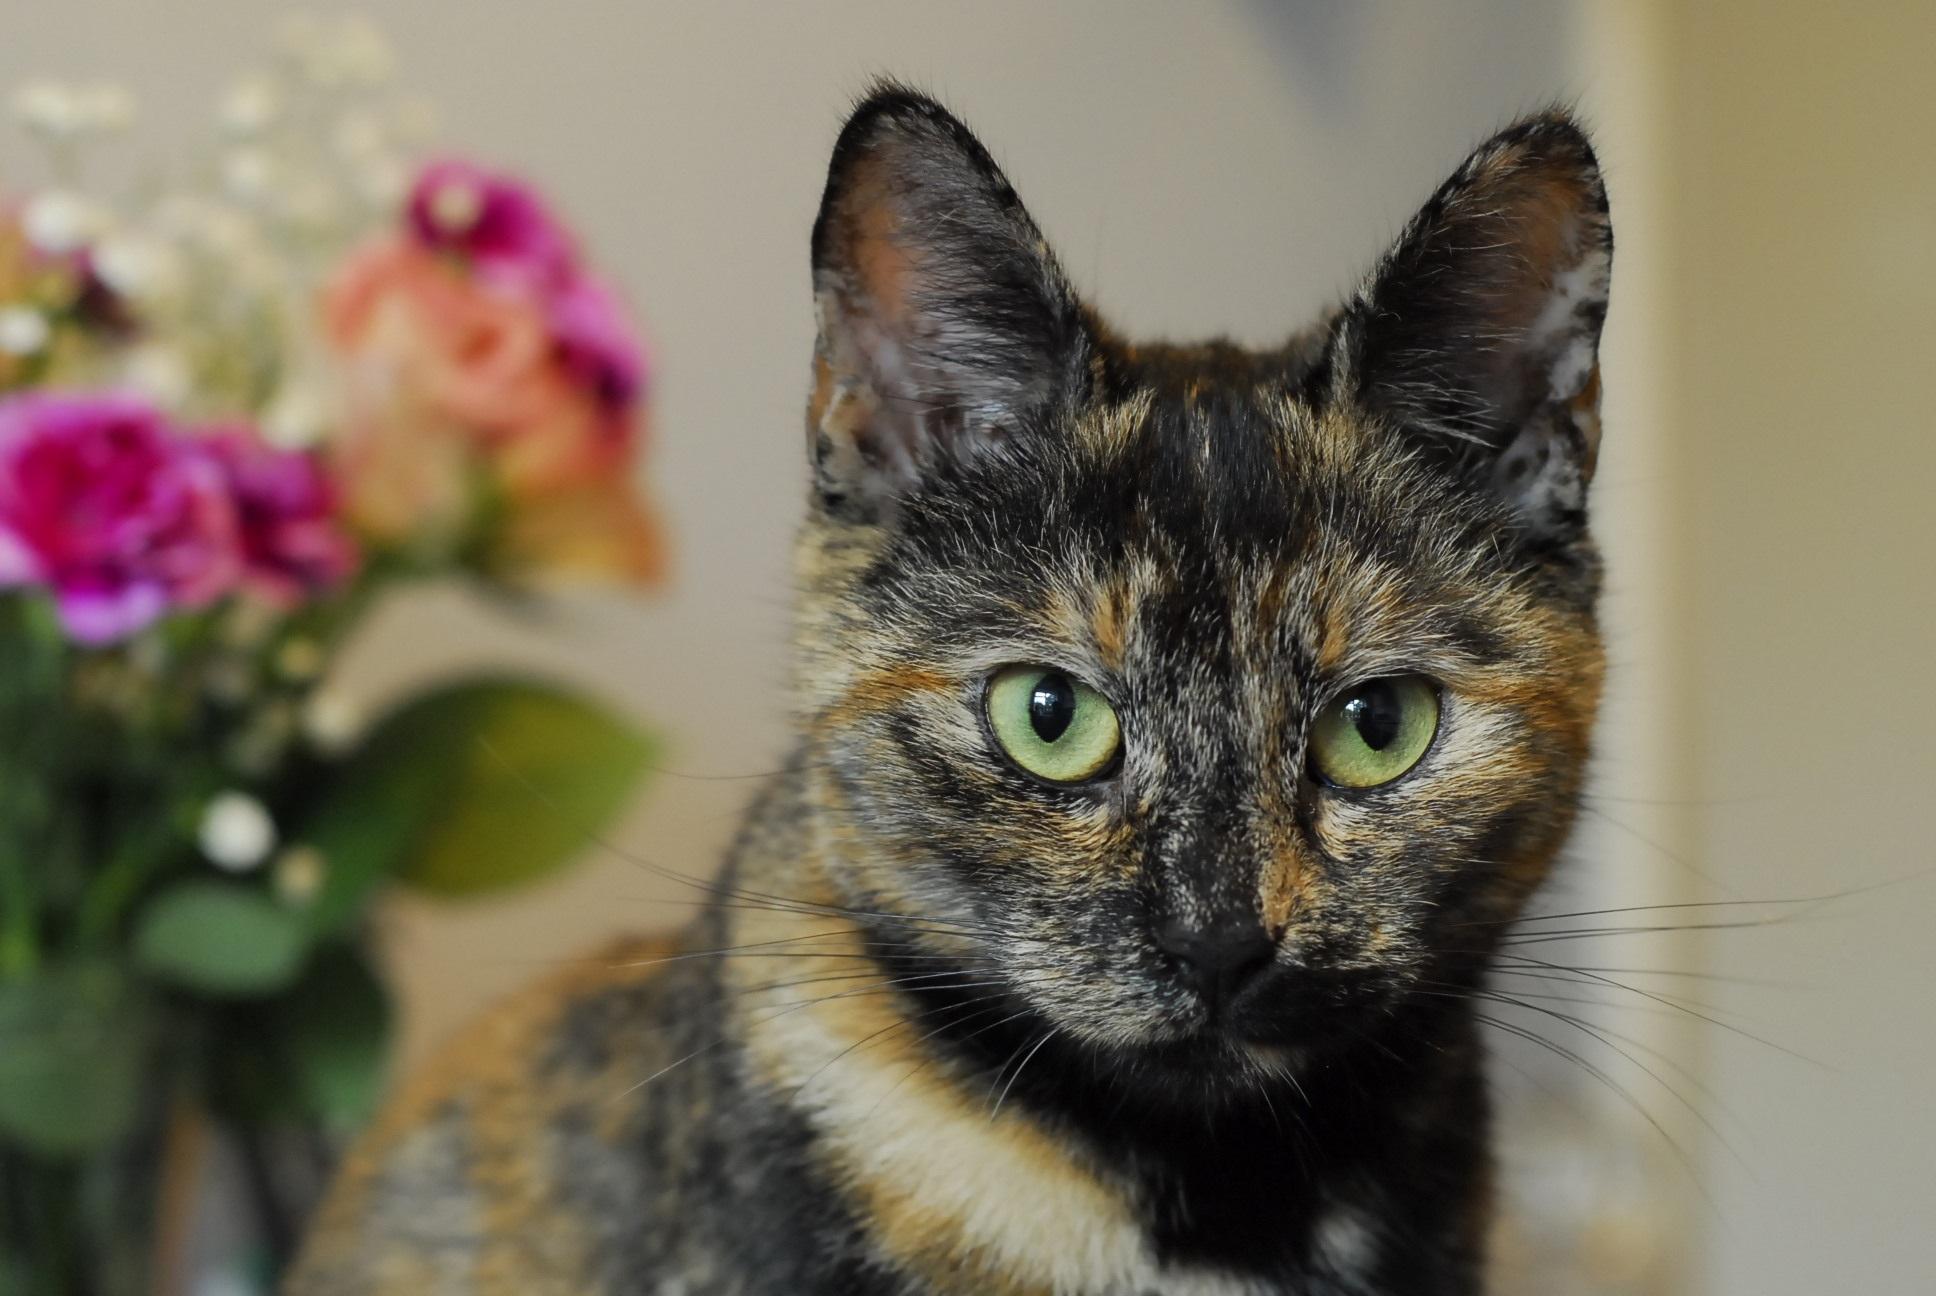 Free images flower kitten fauna close up whiskers eye ears vertebrate tortoiseshell - Images of tortoiseshell cats ...